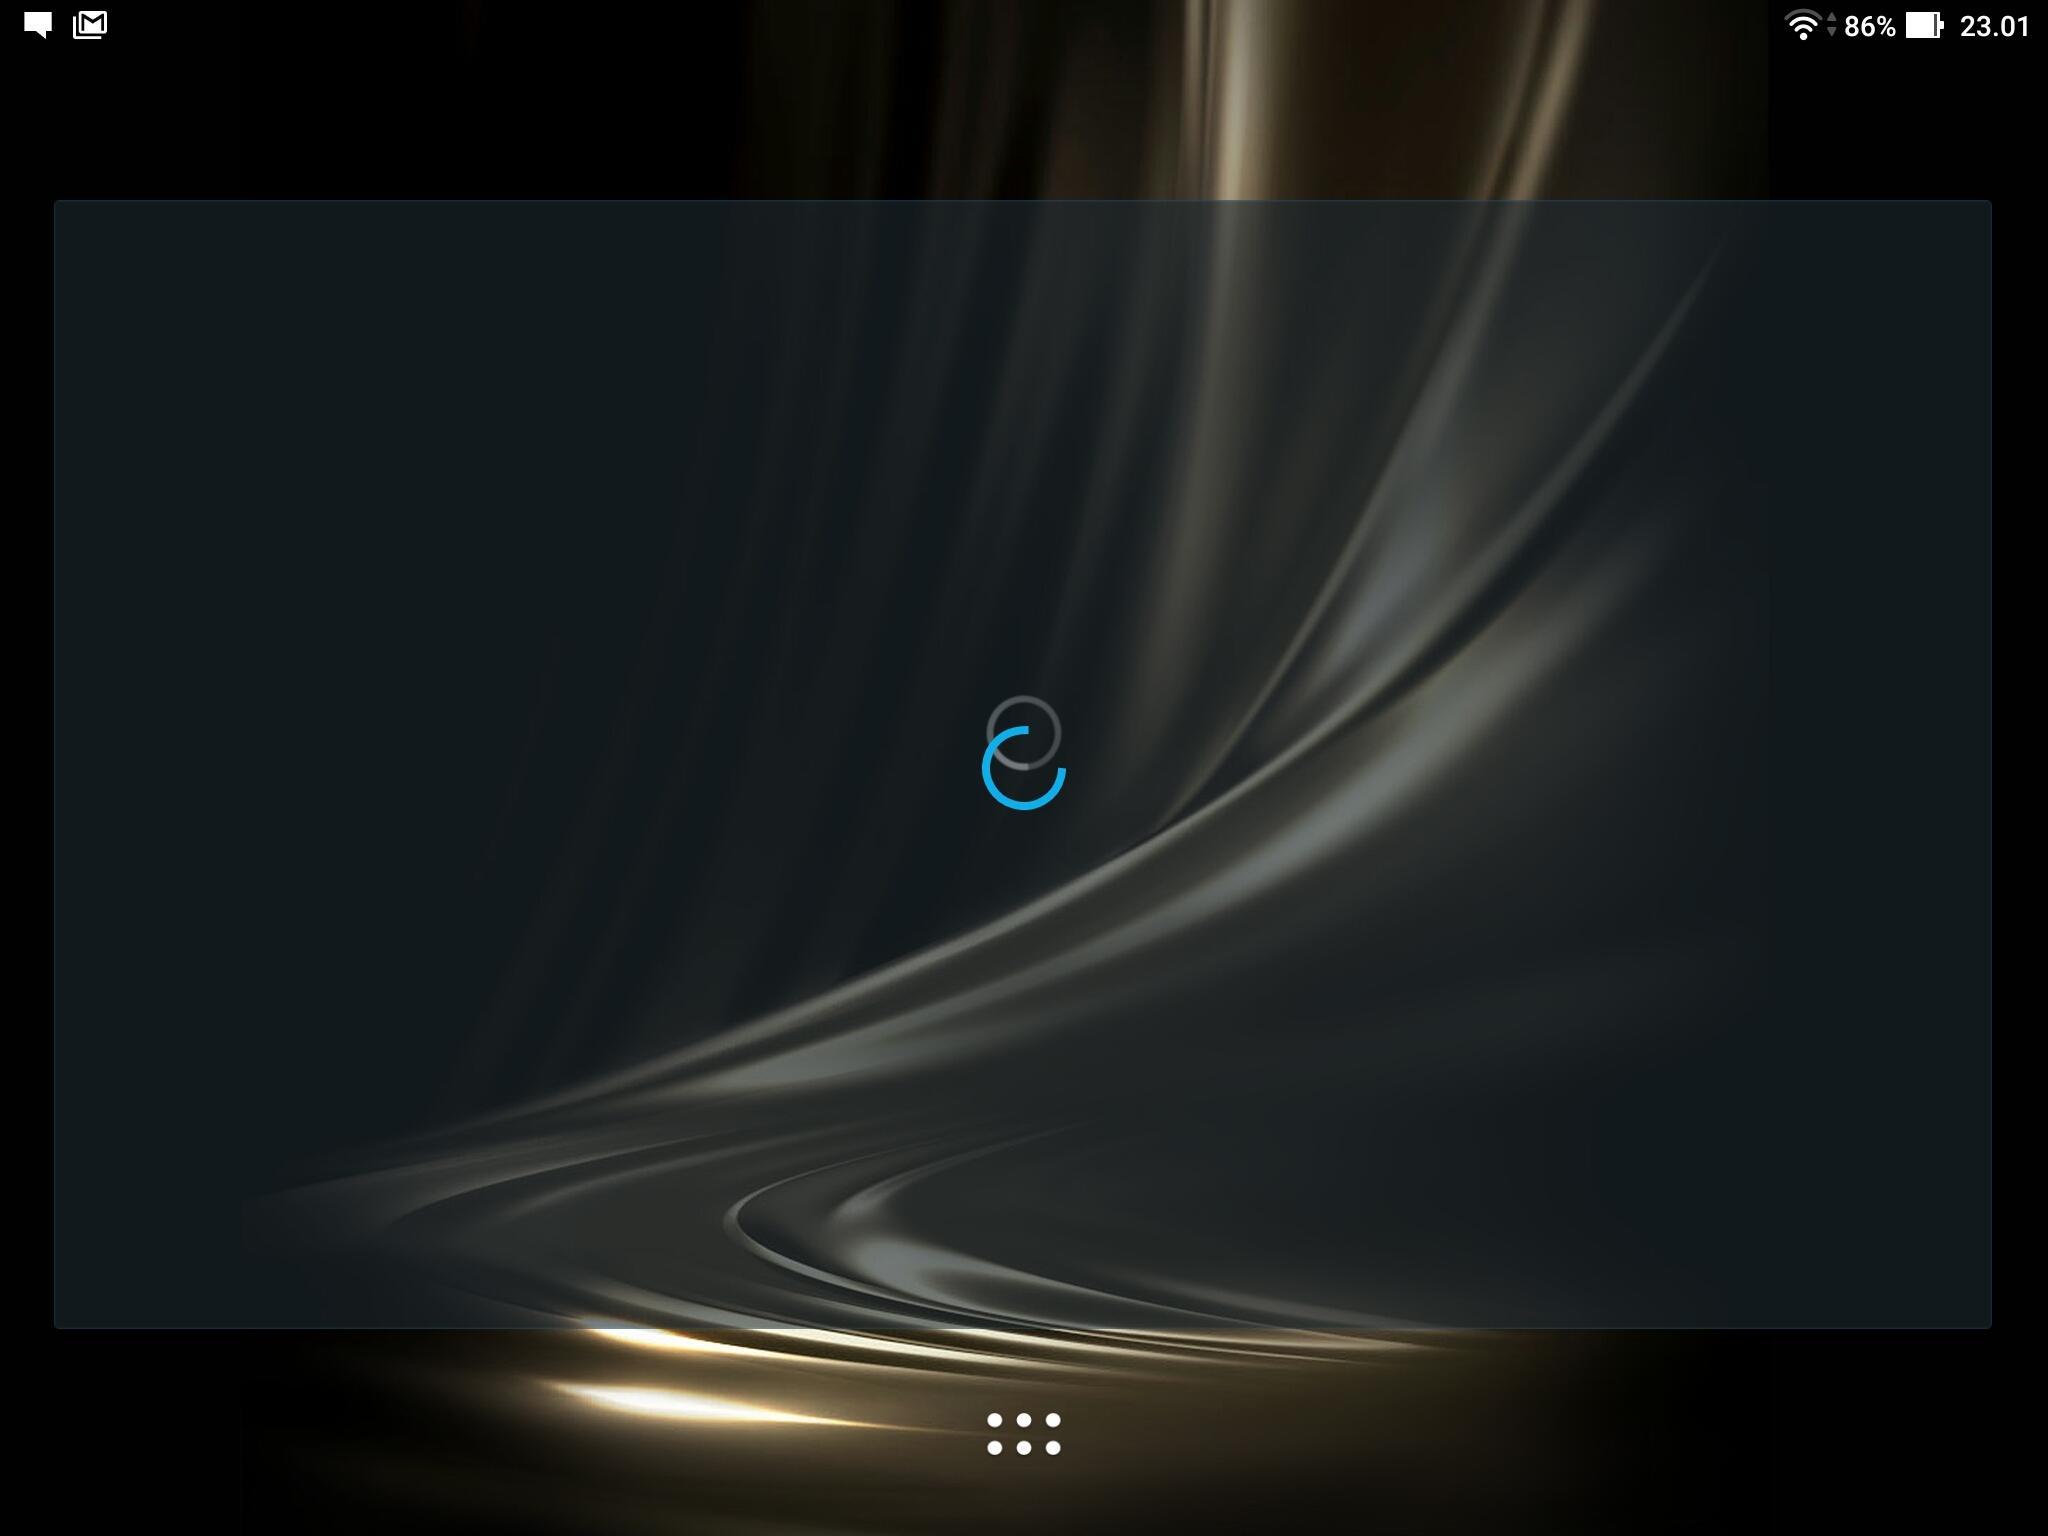 Noen bugs er det også i denne programvaren. Hvis du kjenner til dødens badeball på en Mac, er ikke dette så langt unna. To fremdriftsikoner som har låst seg oppå hverandre. Men skjermdump fikk jeg likevel lov til å ta.